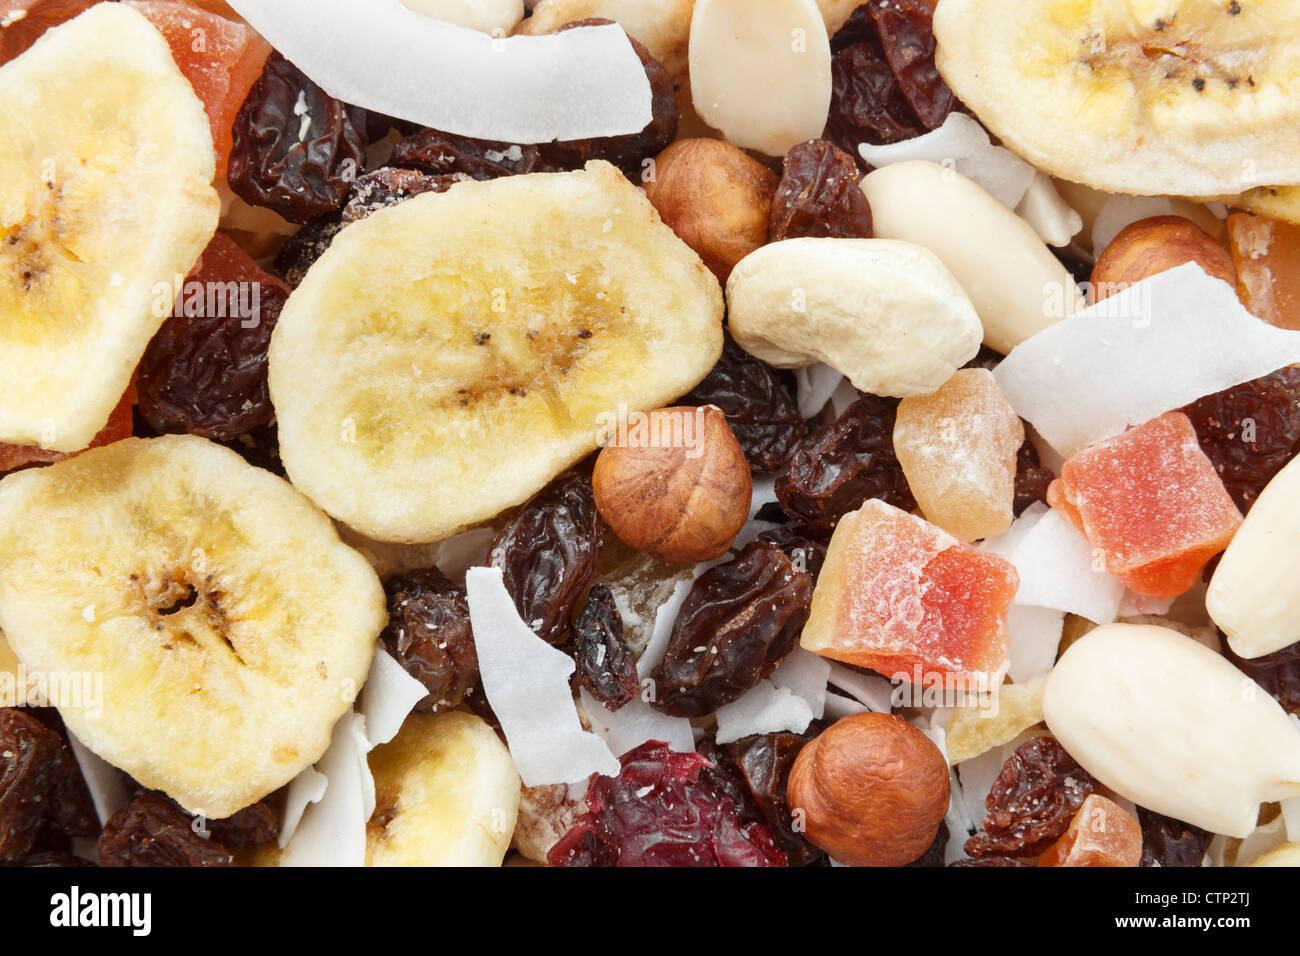 Mischung Von Nssen Und Trockenfrchten Stck Gesunde High Energy Snack Up Close